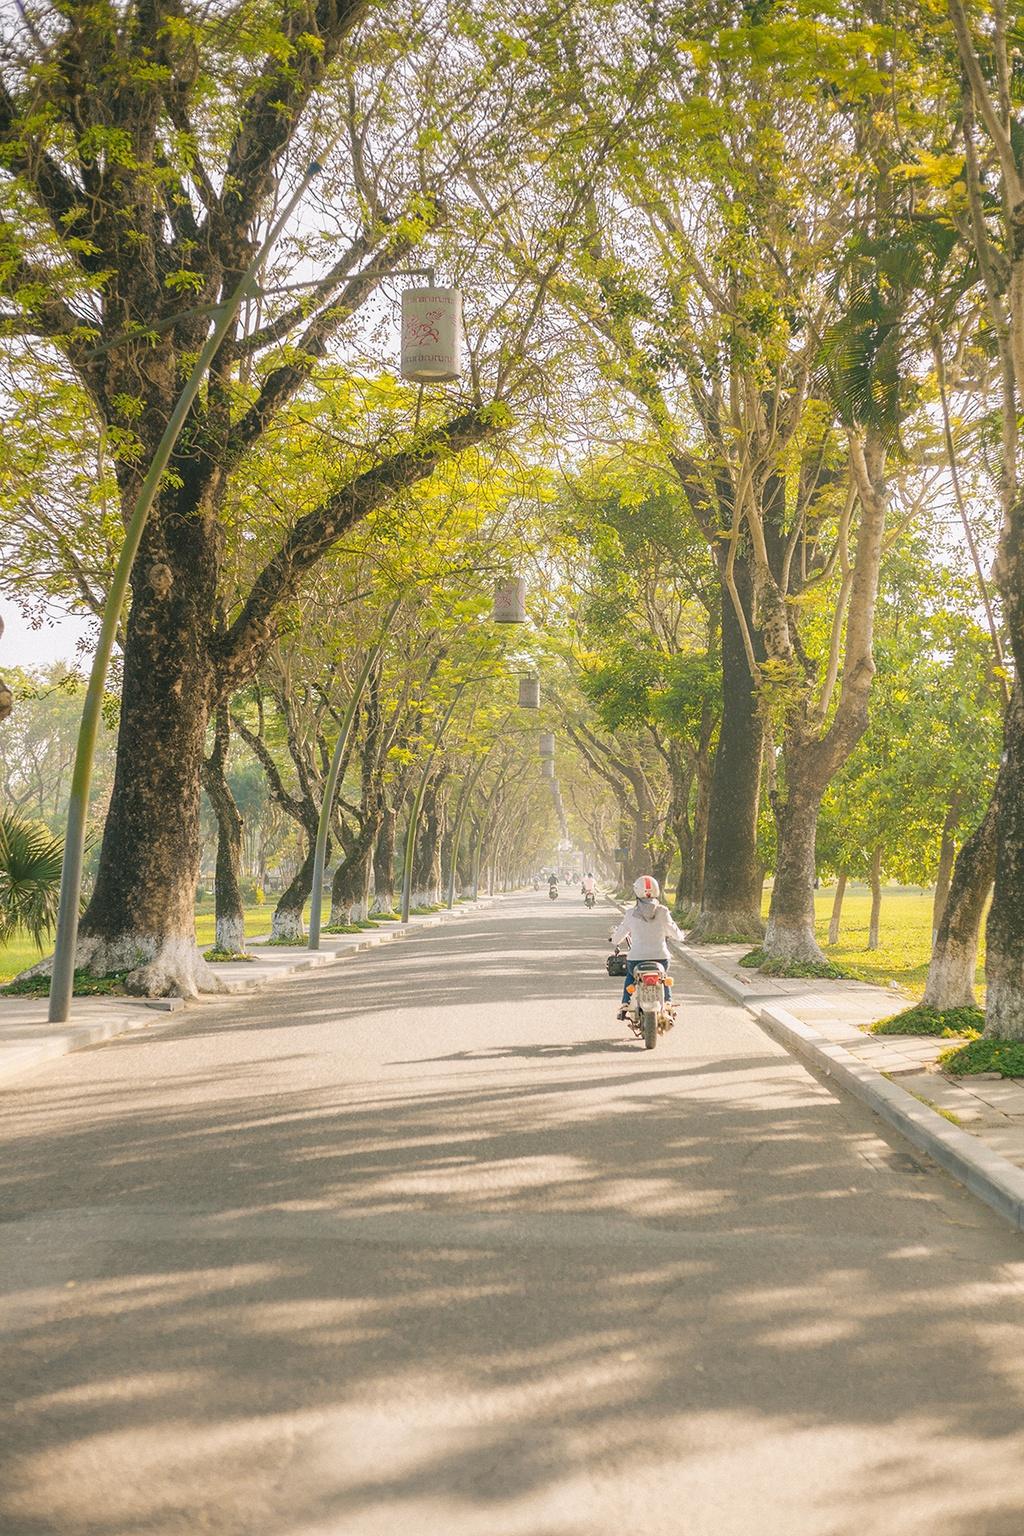 #Mytour: 9X An Giang va chuyen kham pha Hue chi trong mot ngay hinh anh 4